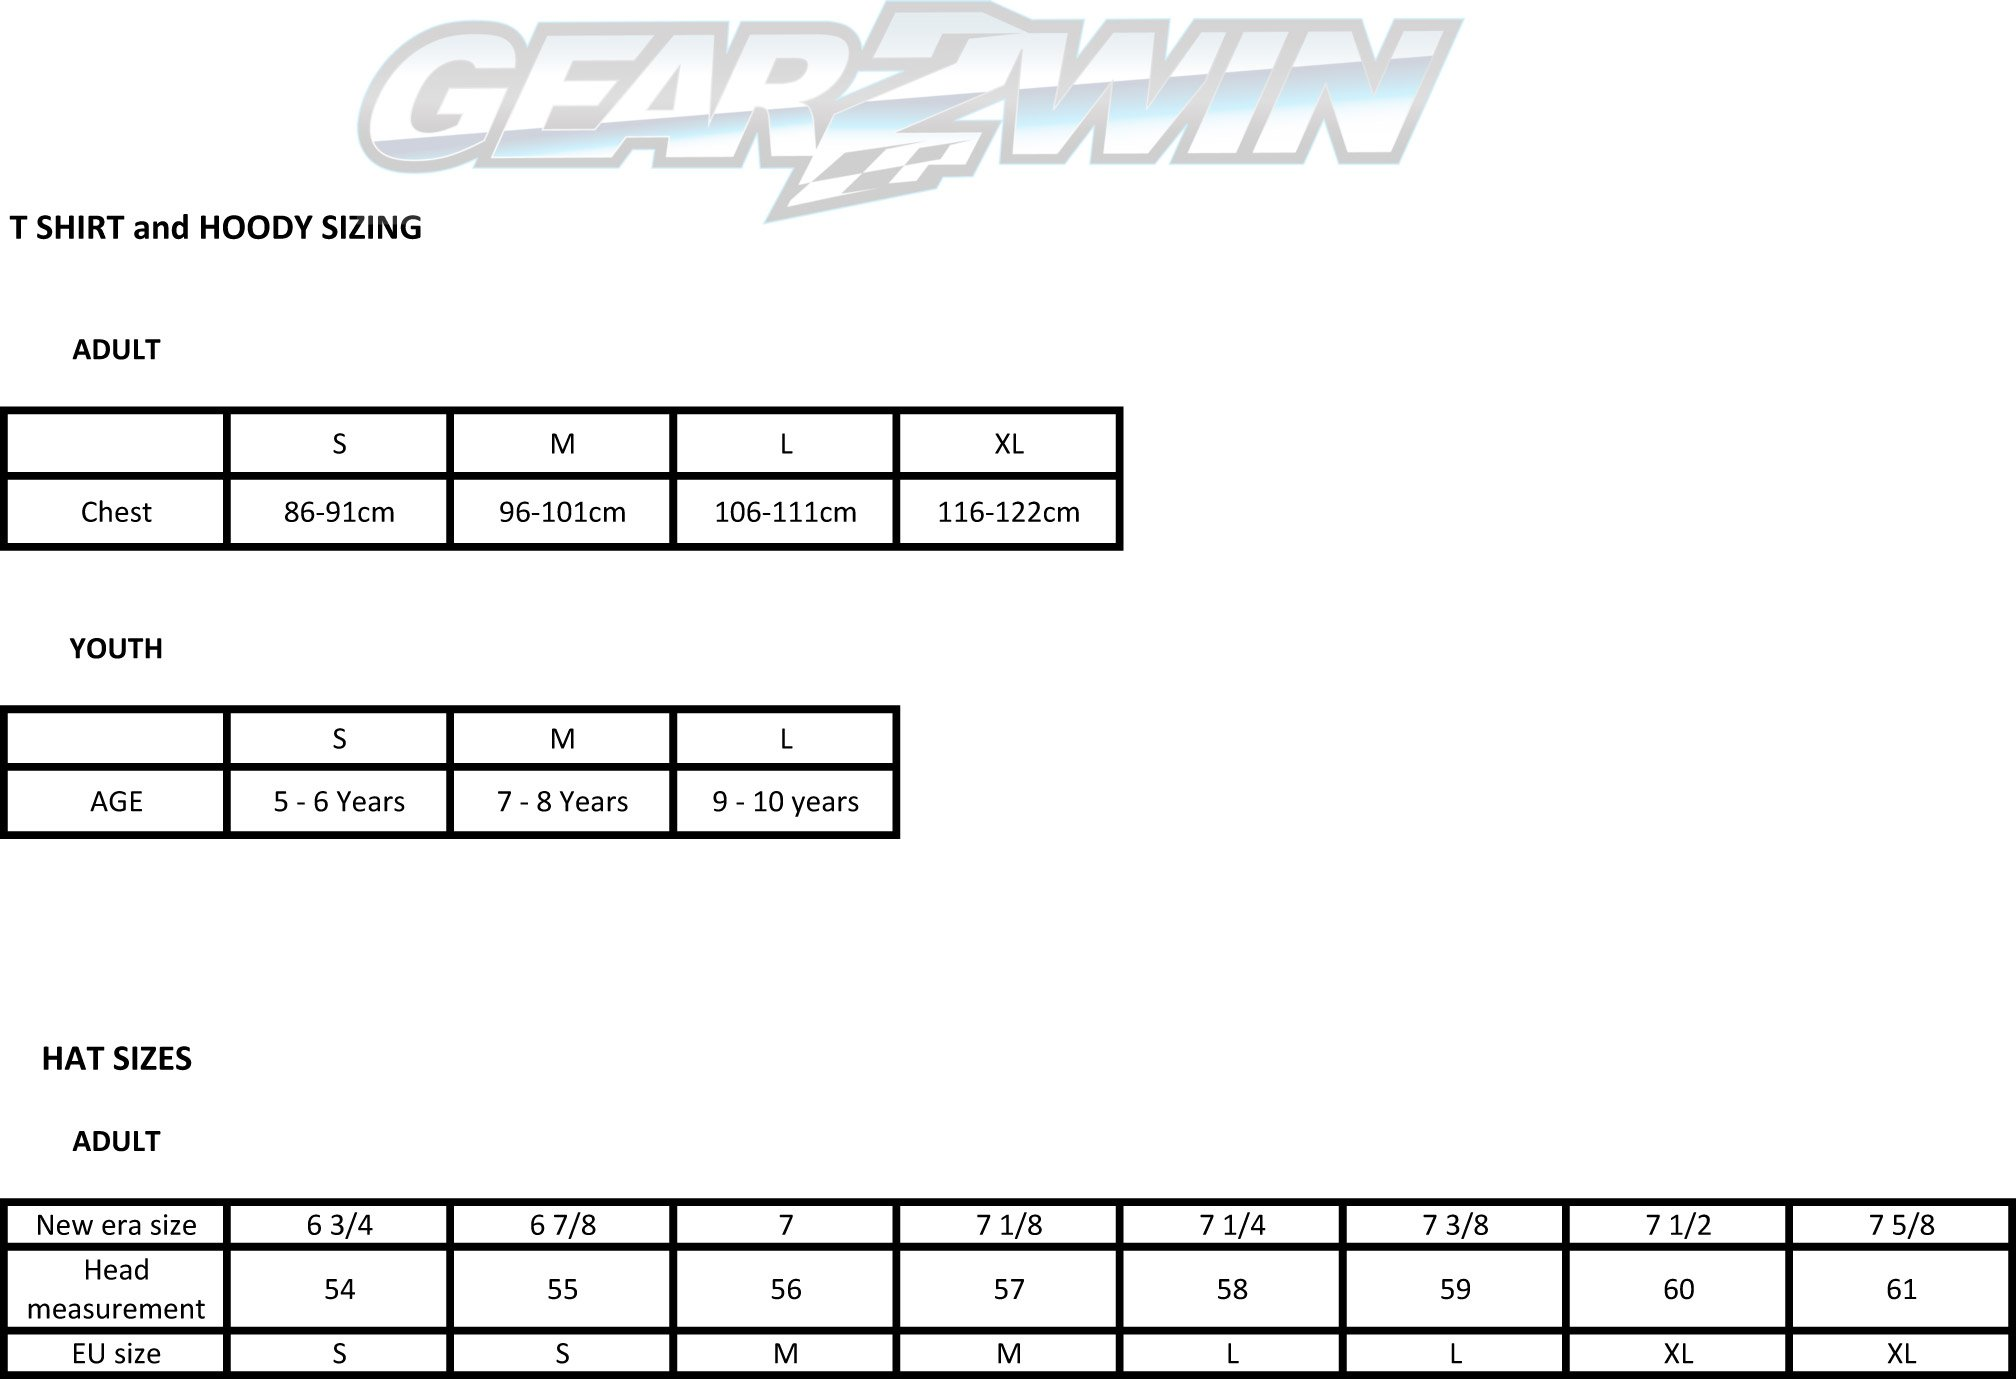 Gear2win Casual wear sizing chart